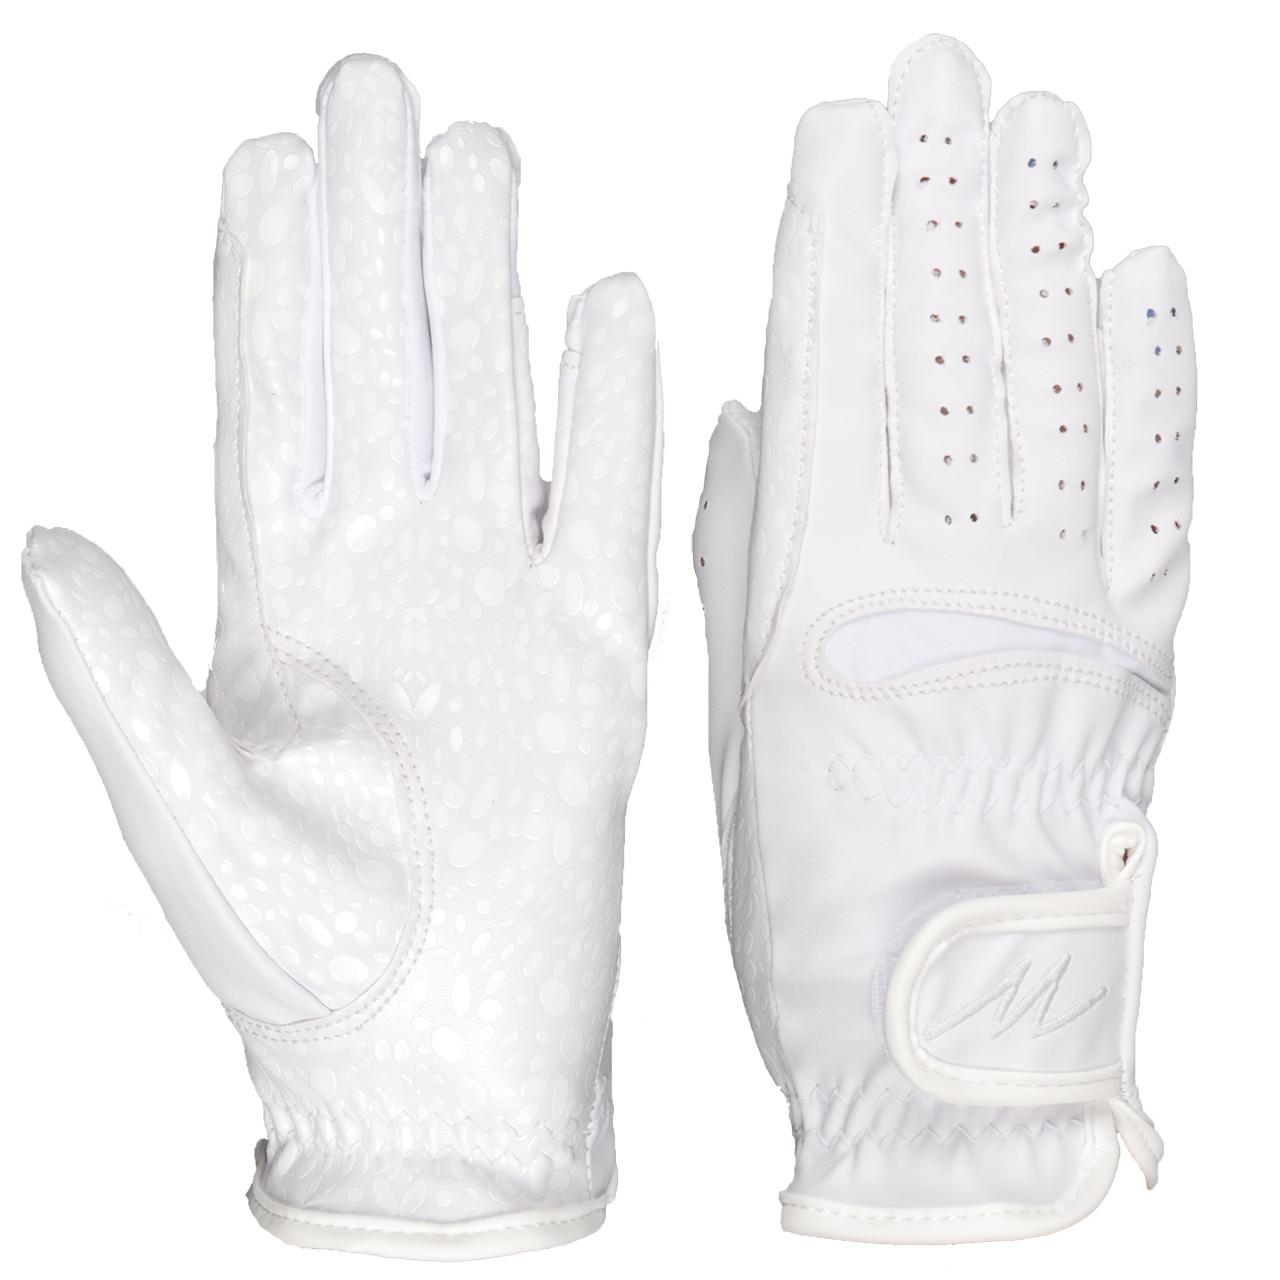 Mondoni Santiago handschoenen wit maat:s